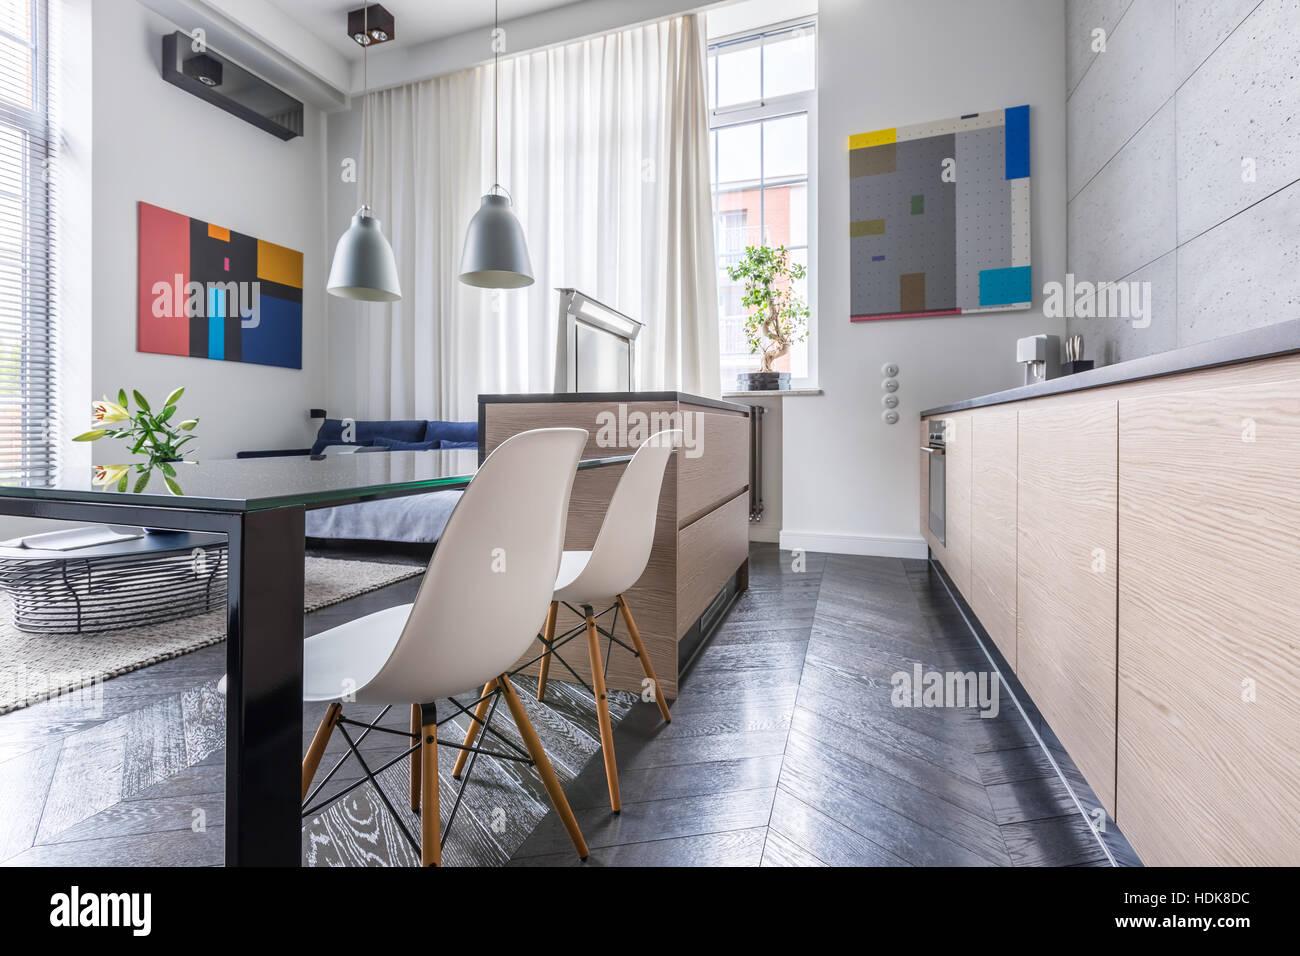 Cucina contemporanea con tavolo e sedie bianche e grigie